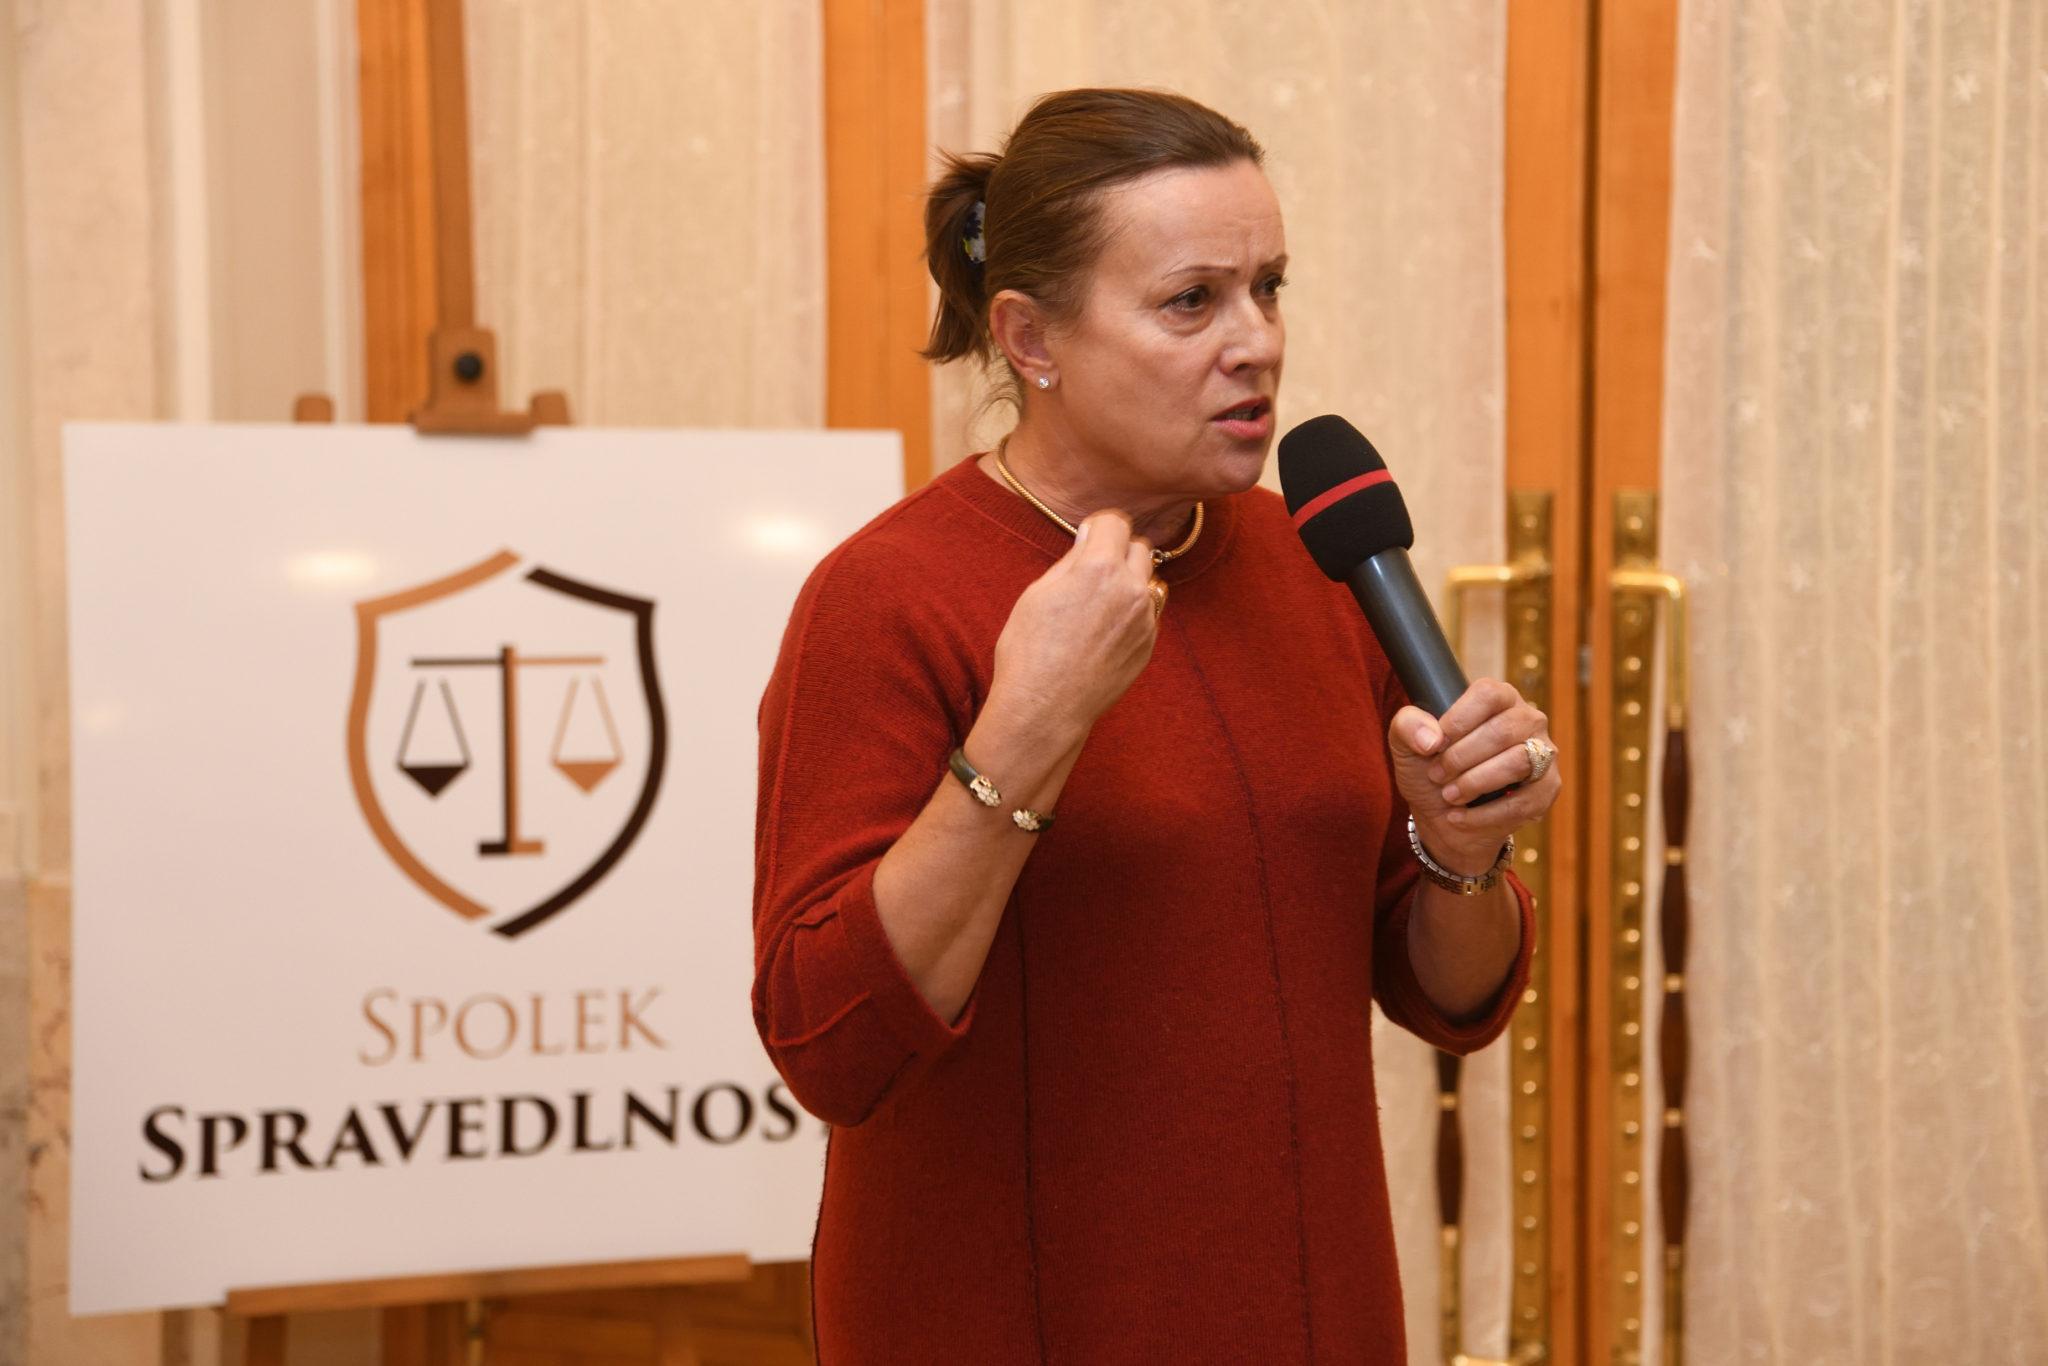 Za škody způsobené státu, občanům a daňovým poplatníkům má být státní zástupce Mgr. Radek Mezlík povýšen